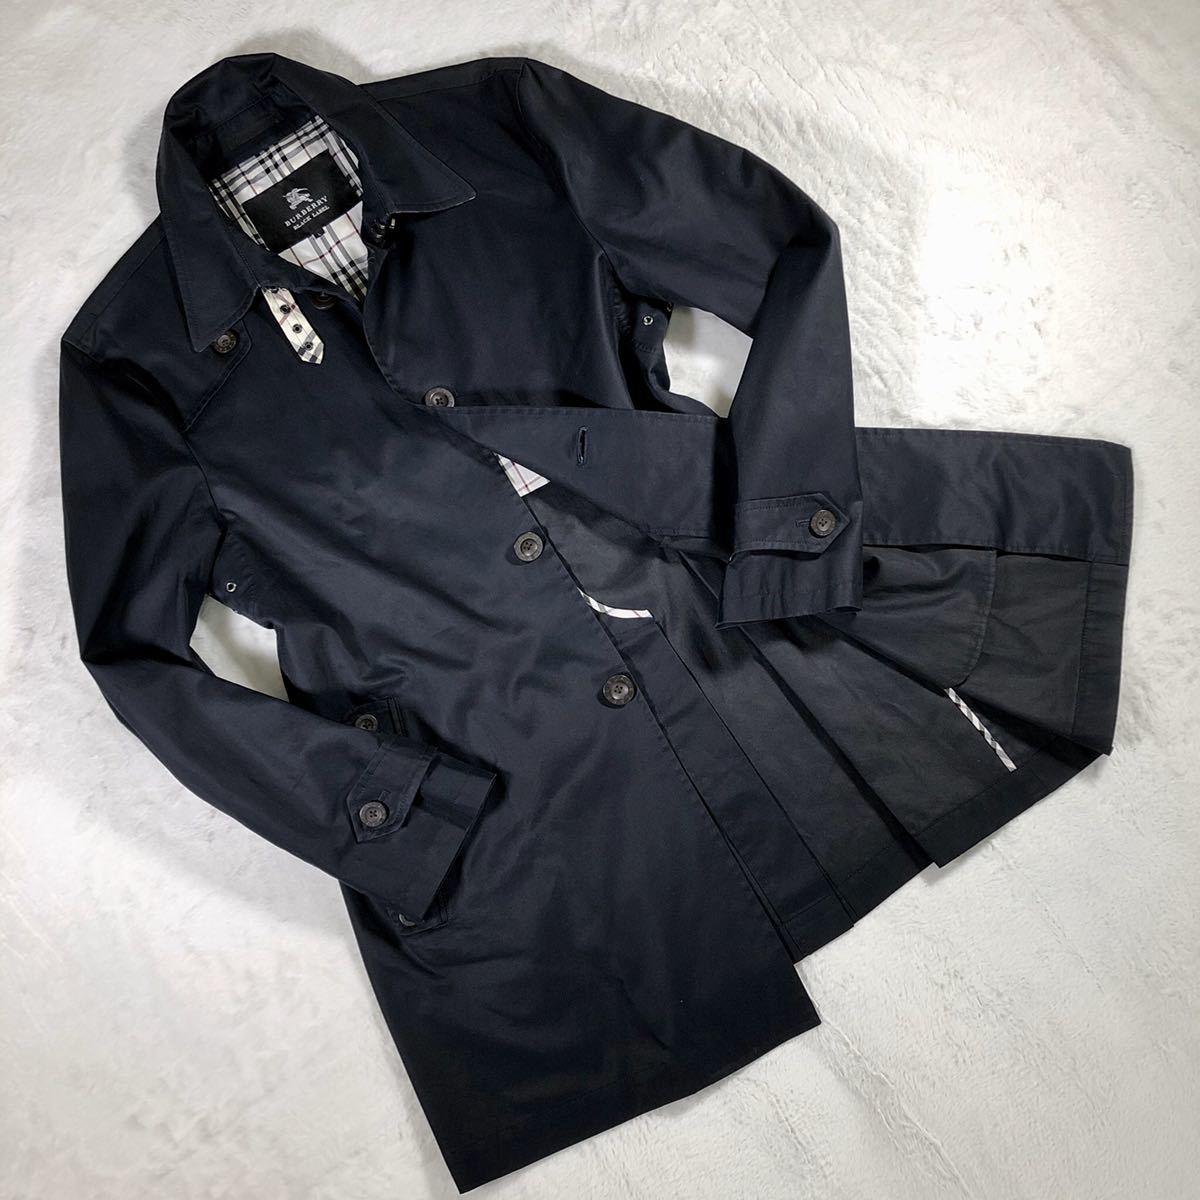 【美品・希少なLサイズ】バーバリーブラックレーベル ステンカラーコート ネイビー BURBERRY BLACK LABEL ブルゾン スプリングコート